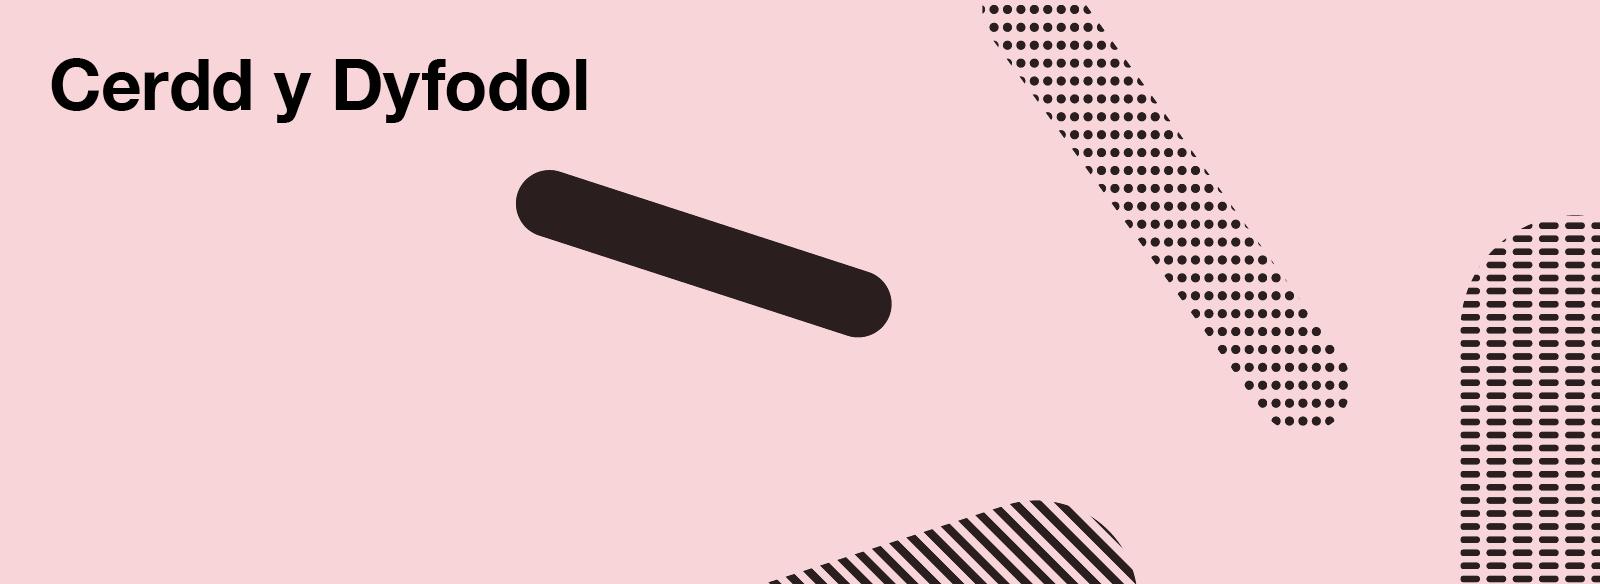 Cerdd y Dyfodol.png